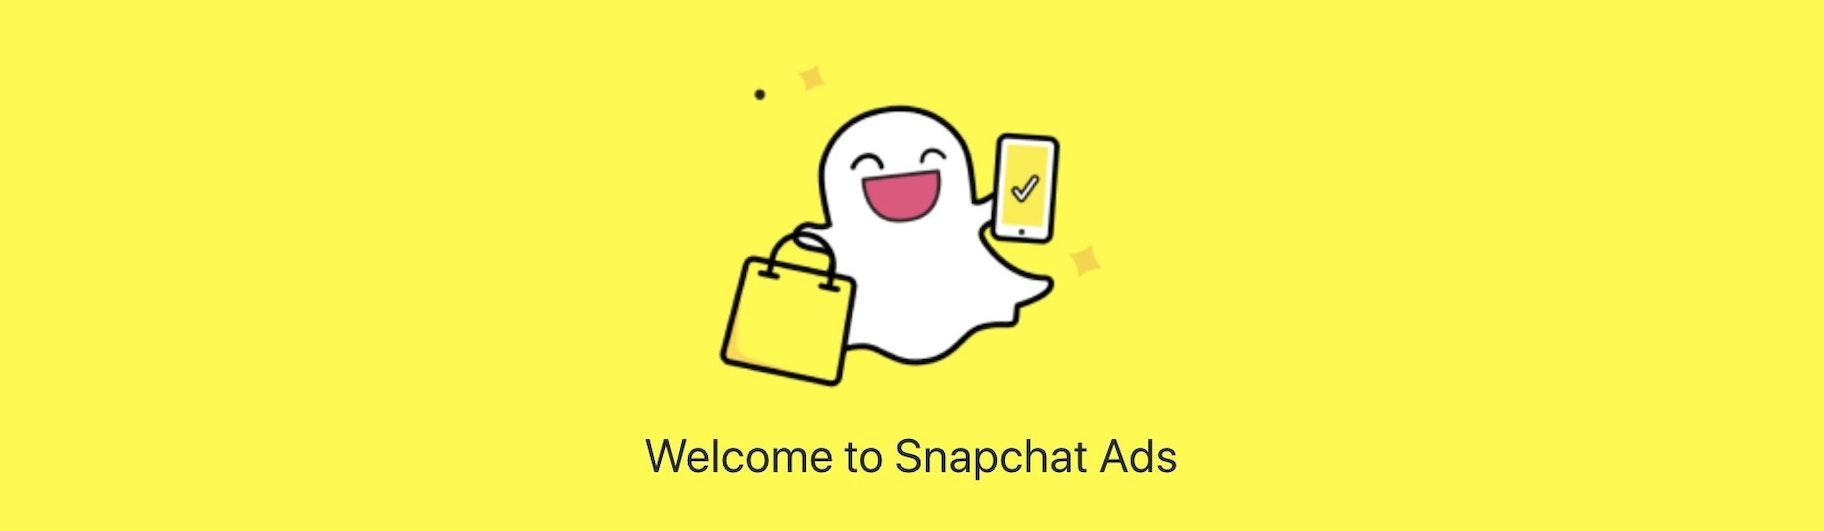 Snapchat visuel